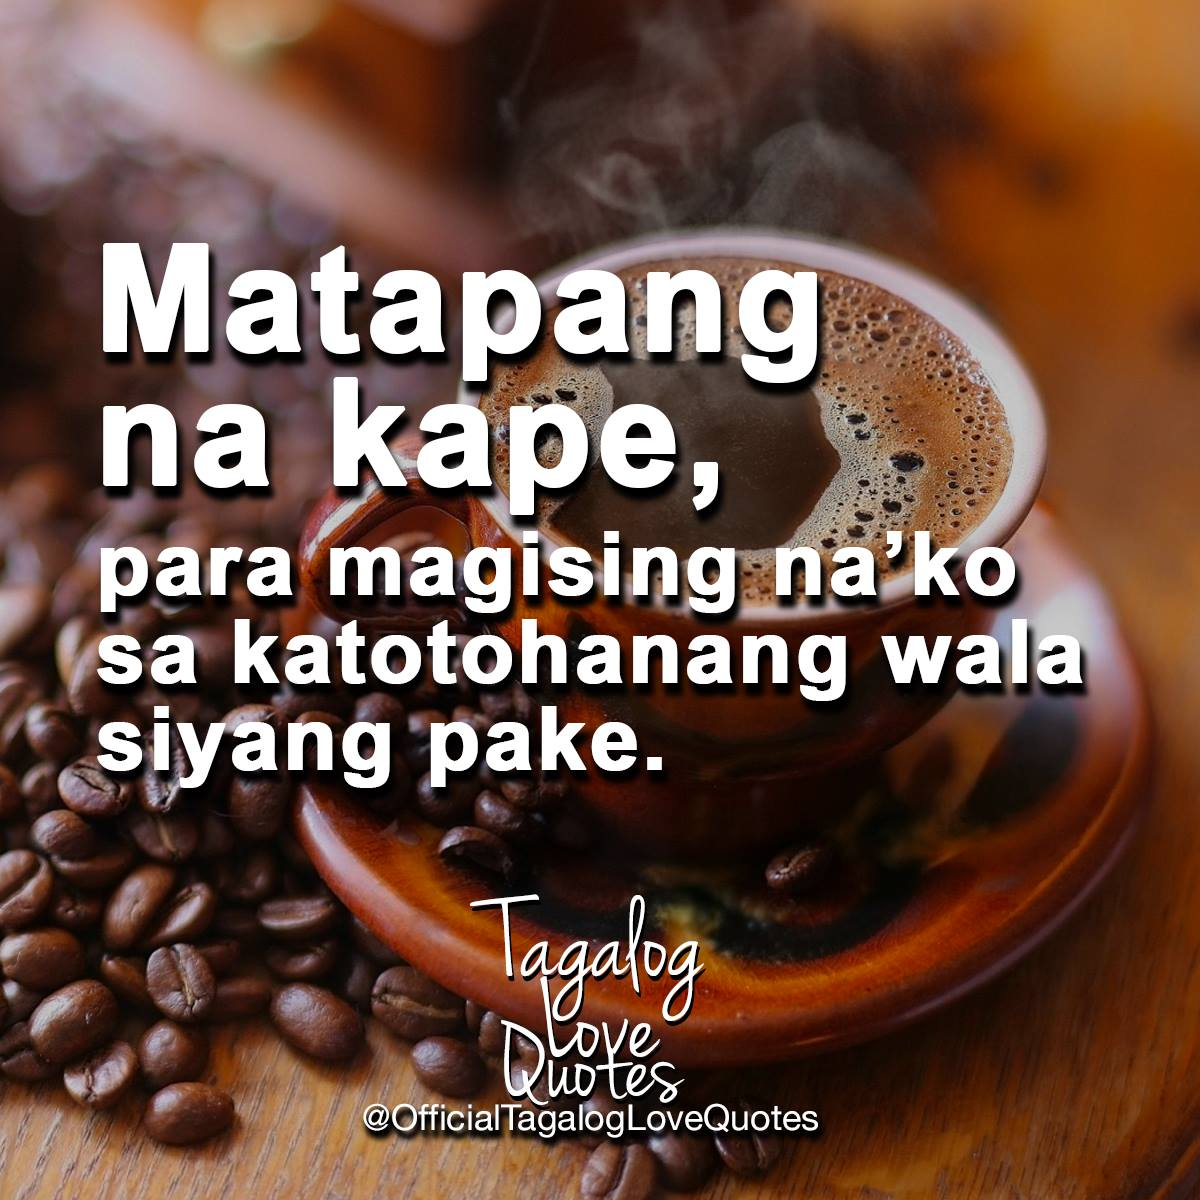 matapang na kape tagalog love quotes